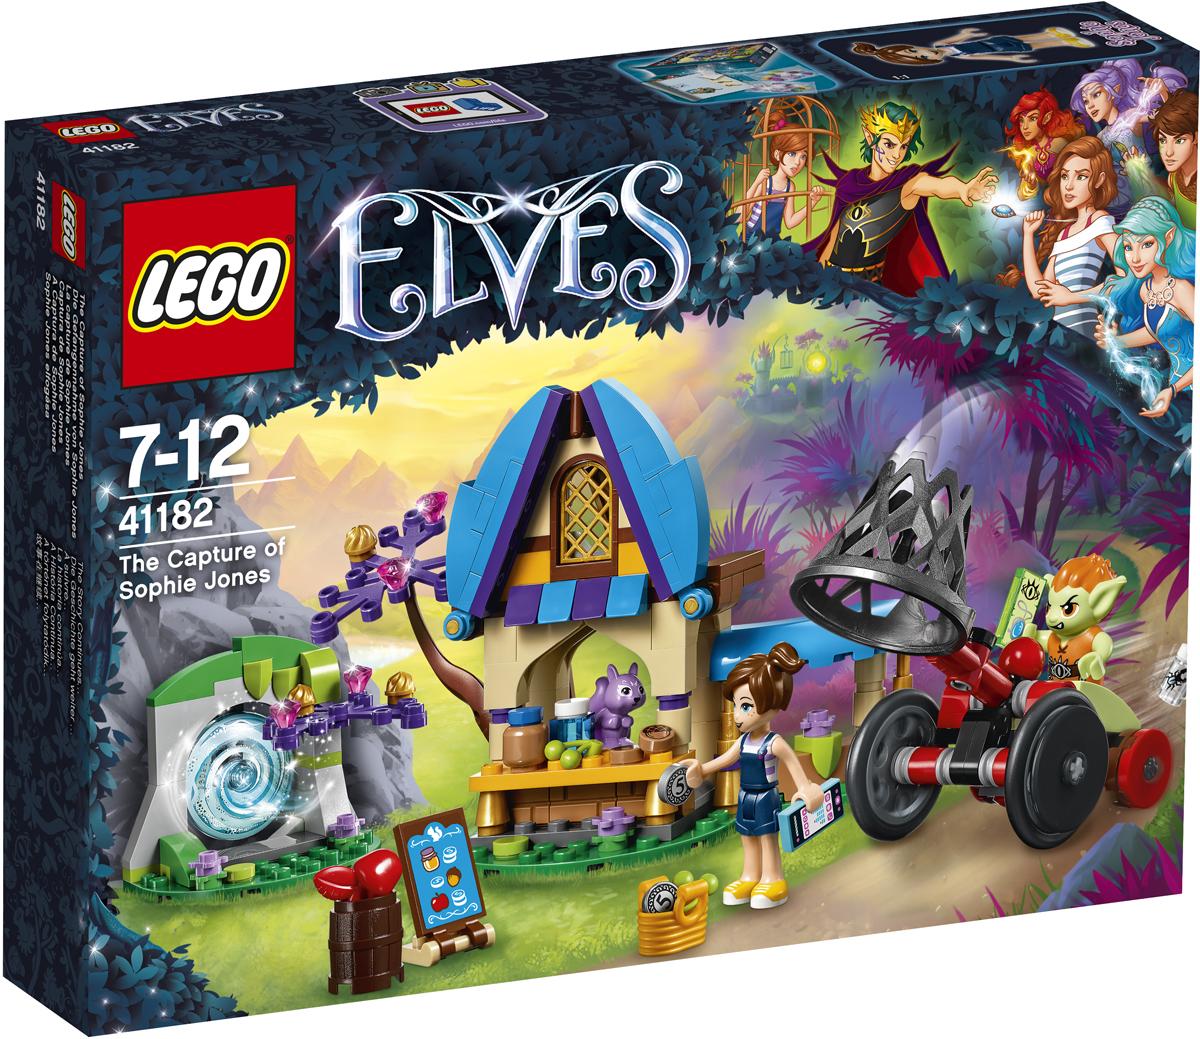 LEGO Elves Конструктор Похищение Софи Джонс 41182 конструктор lego elves встреча наиды с гоблином воришкой 41181